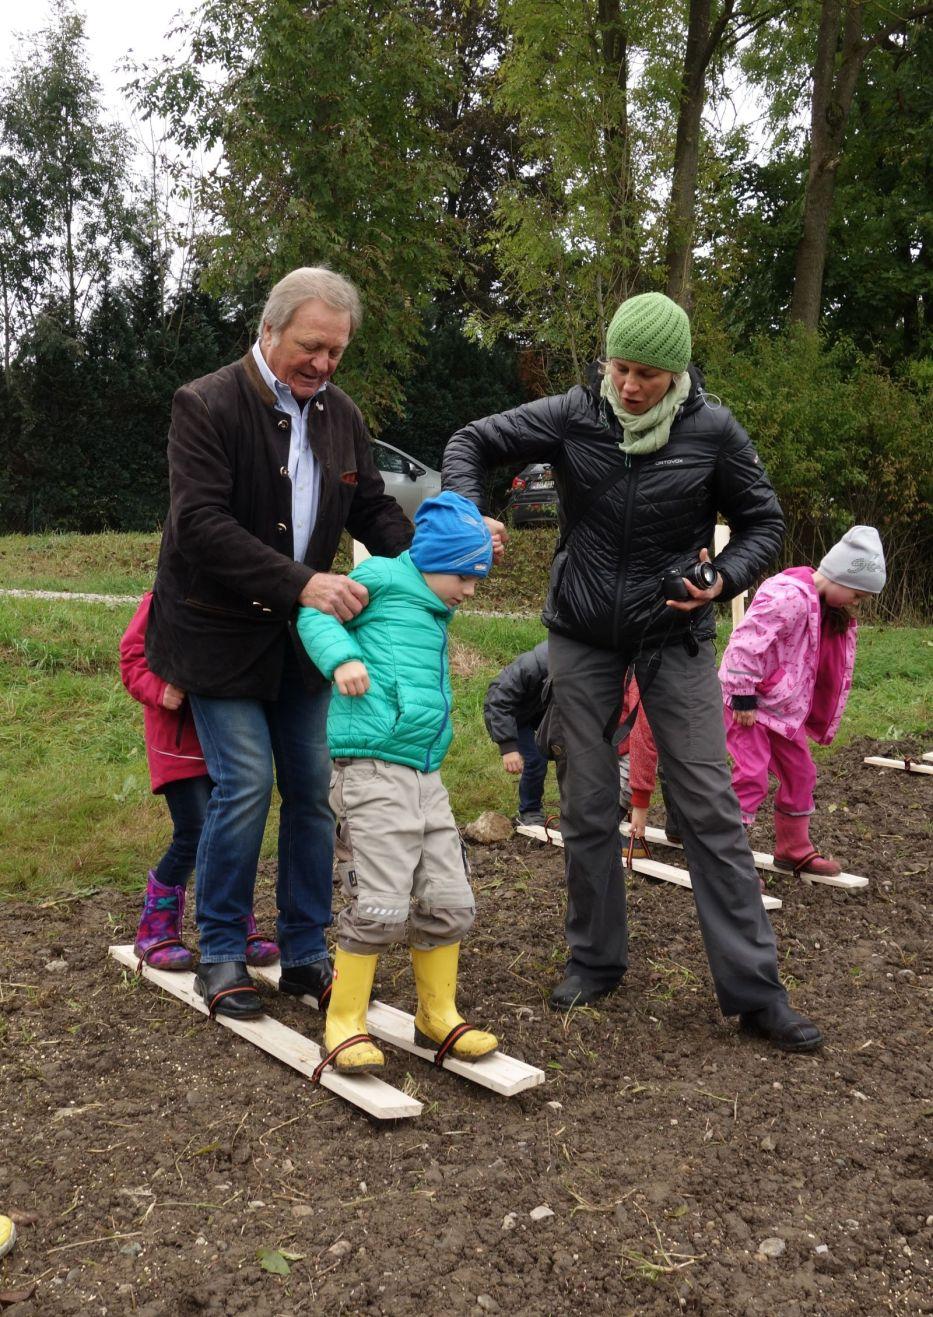 Auch Schwindeggs Bürgermeister Dr. Dürner zeigt vollen Einsatz!